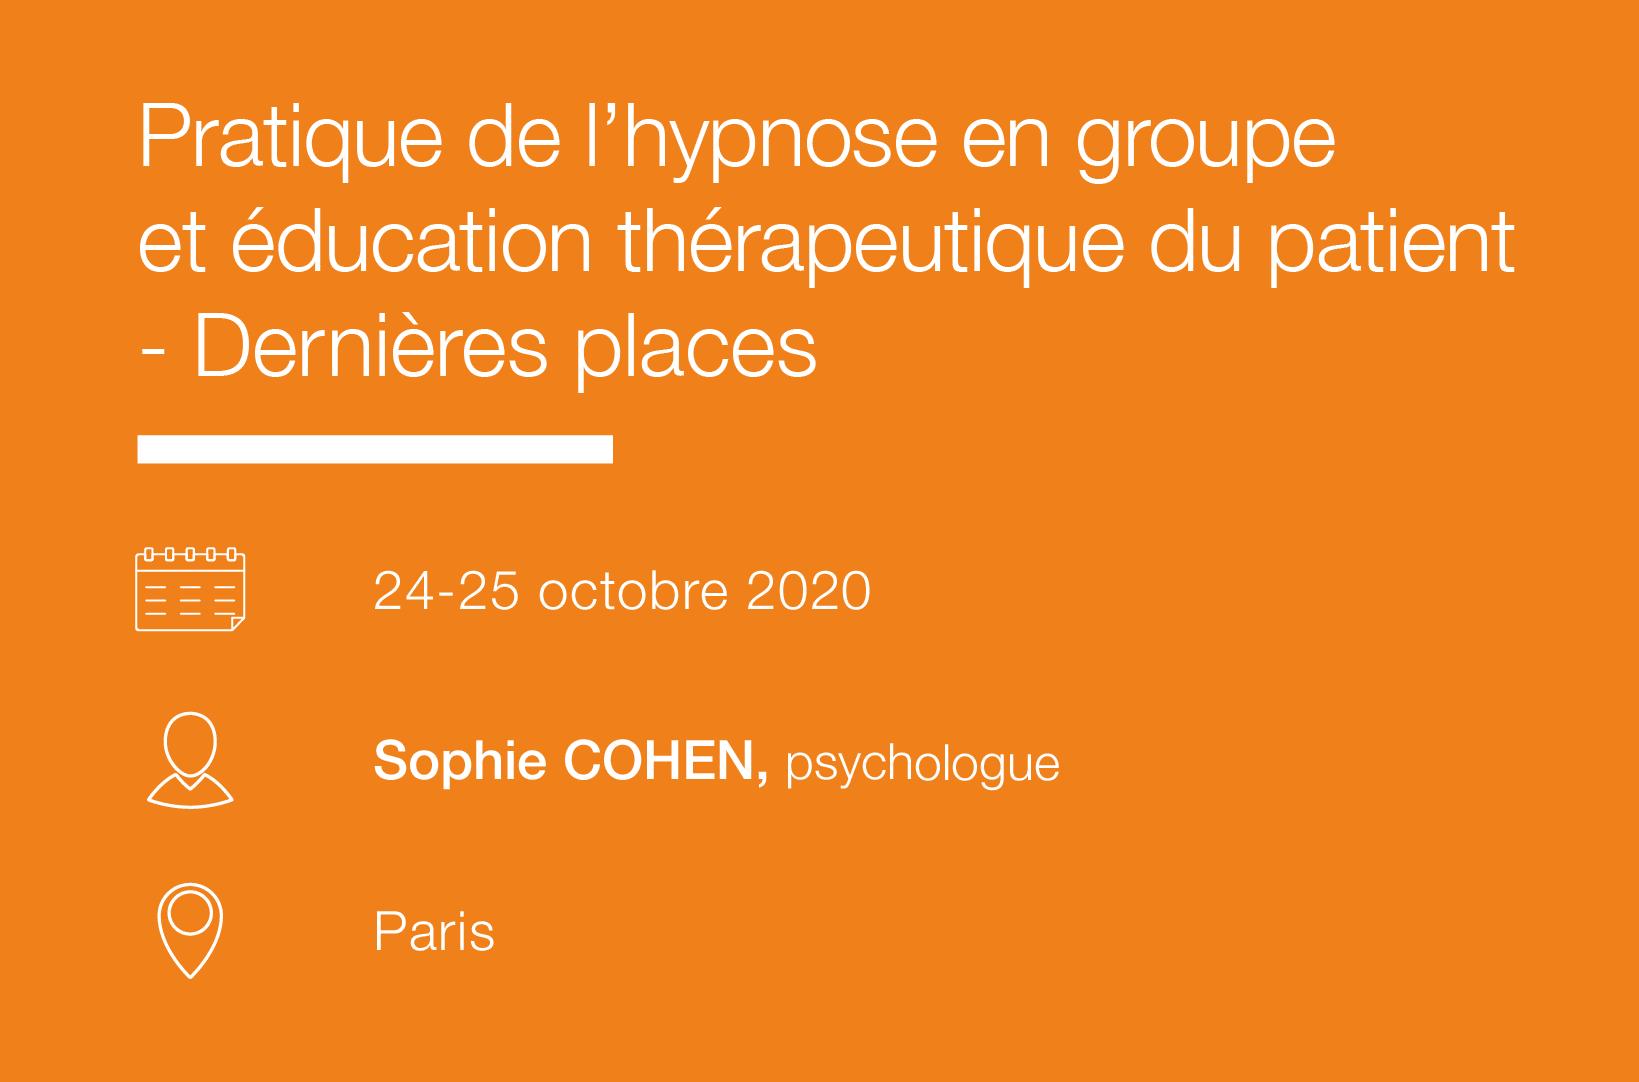 Seminaire Pratique de l hypnose en groupe et education therapeutique du patient - IFH